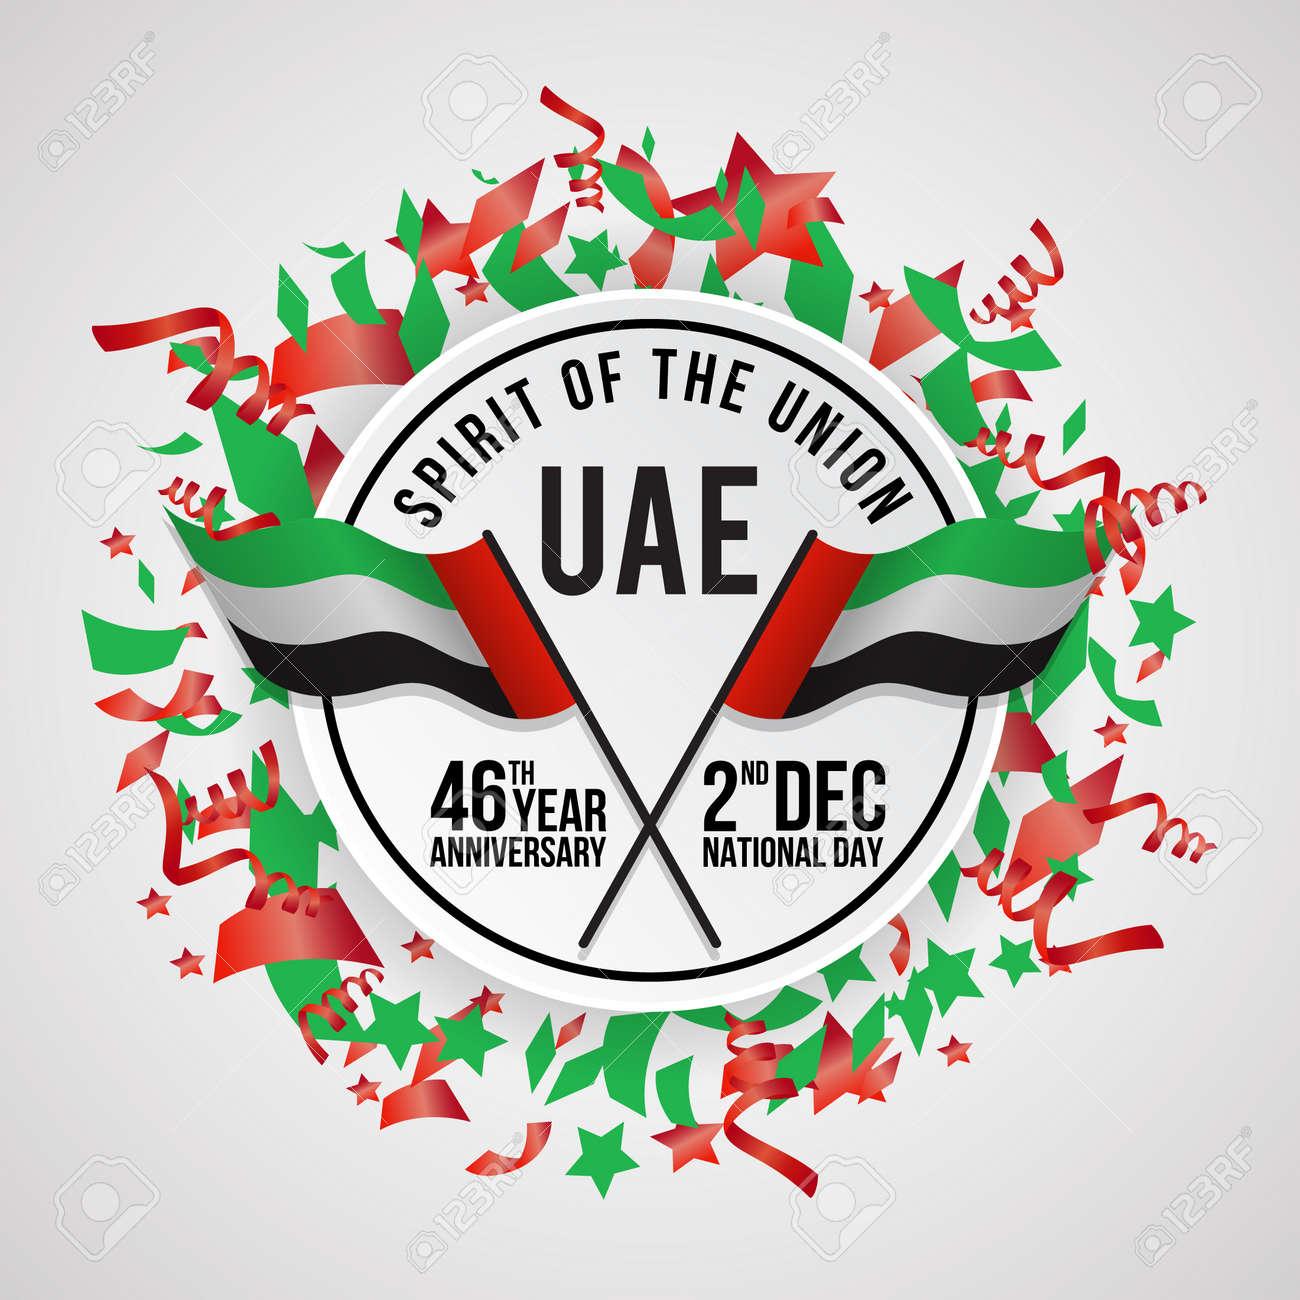 United Arab Emirates national day background design with colorful glitter and wavy flag. UAE holiday celebration background. Vector illustration - 87226982